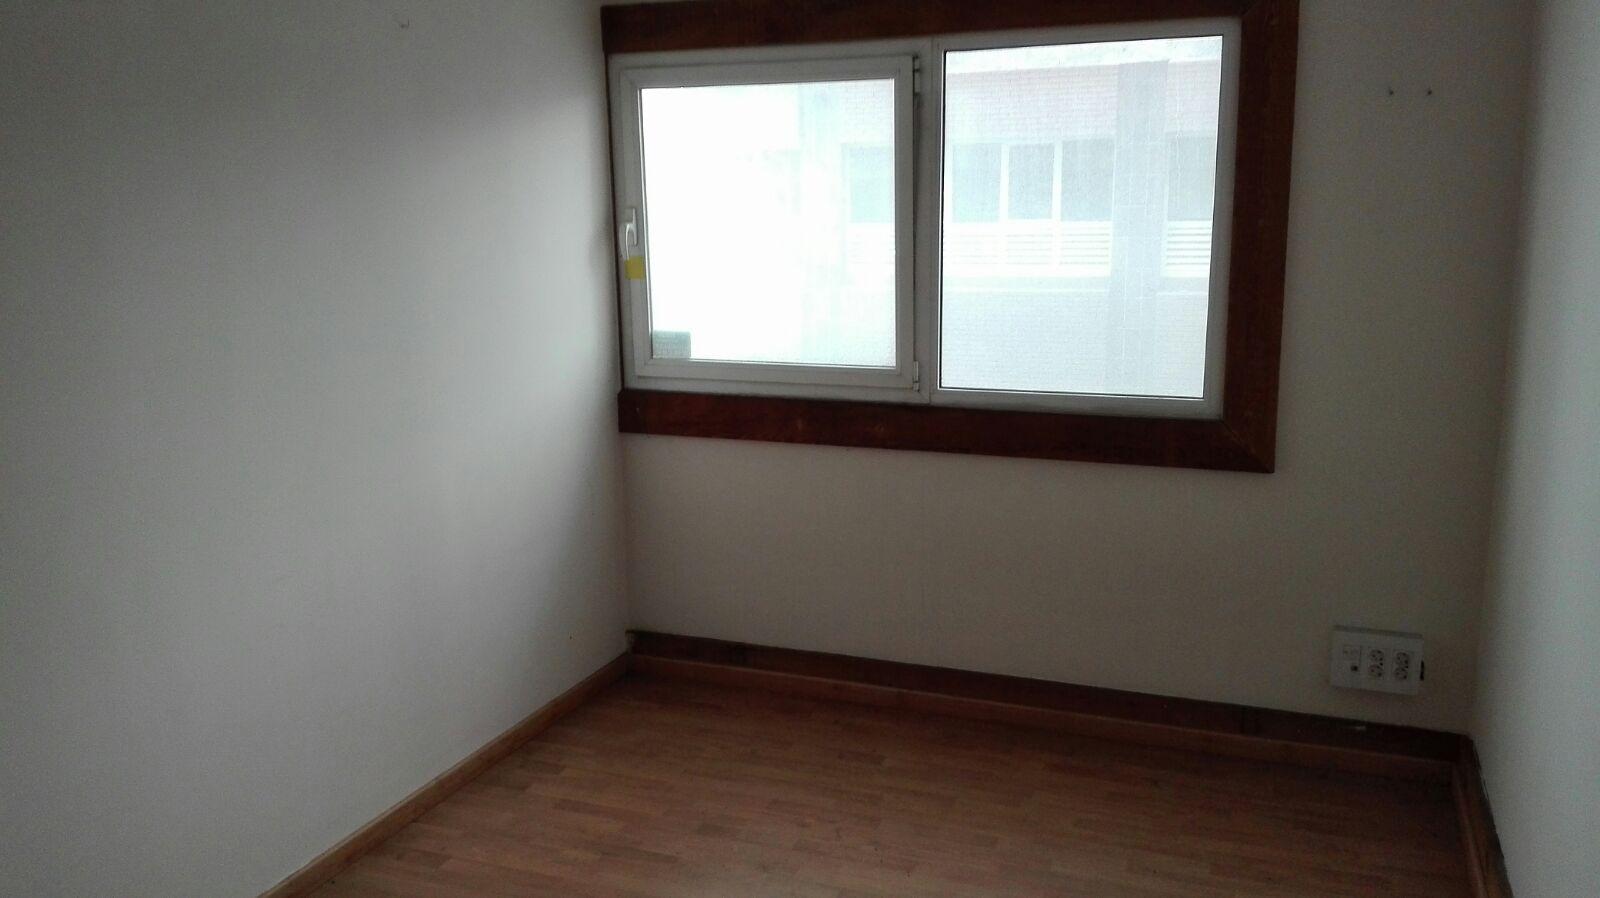 Oficina en Palmas de Gran Canaria (Las) (35795-0001) - foto4